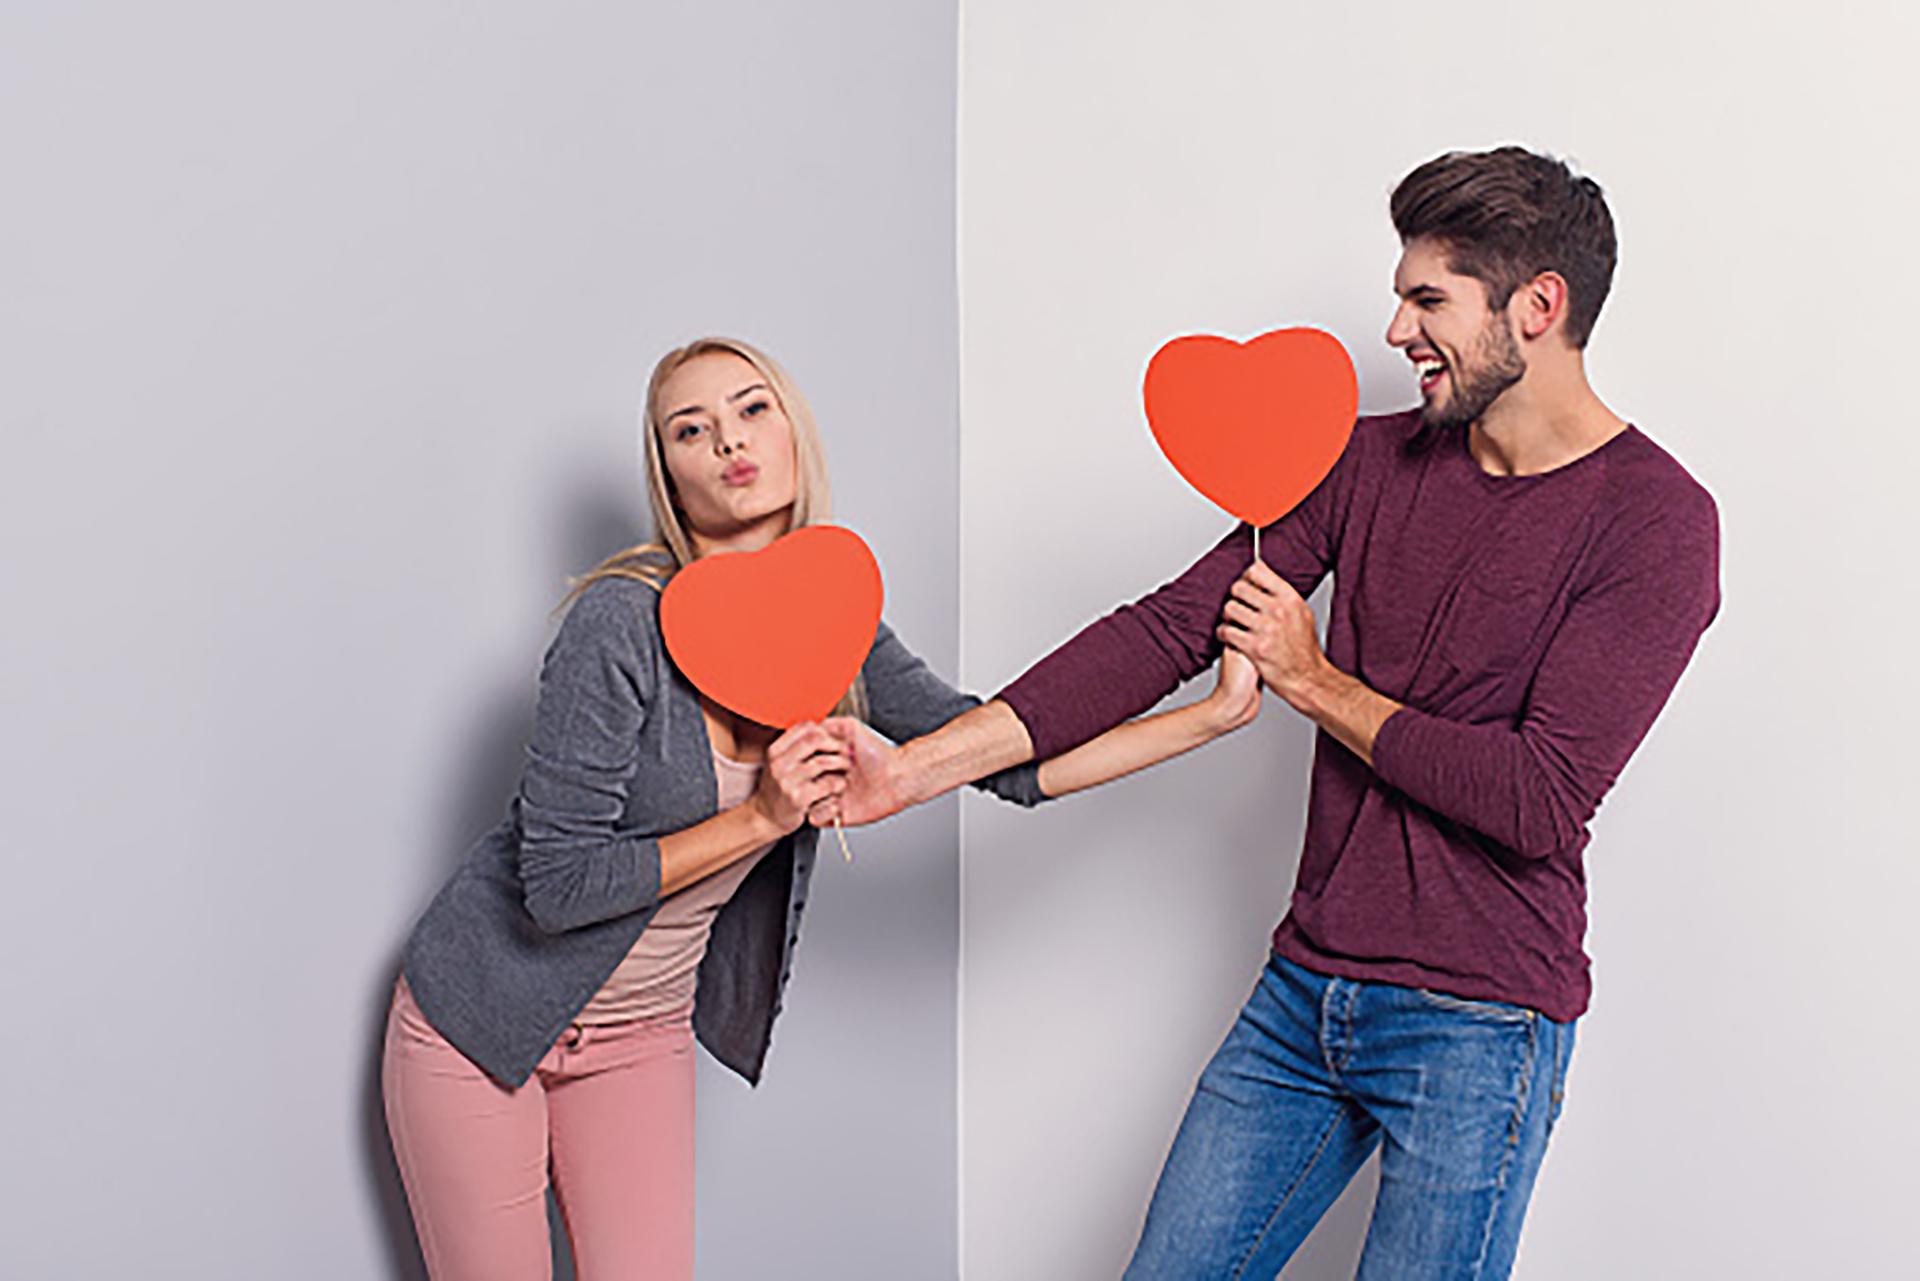 El 14 de febrero es una fecha especial e importante para muchas parejas (Getty Images)